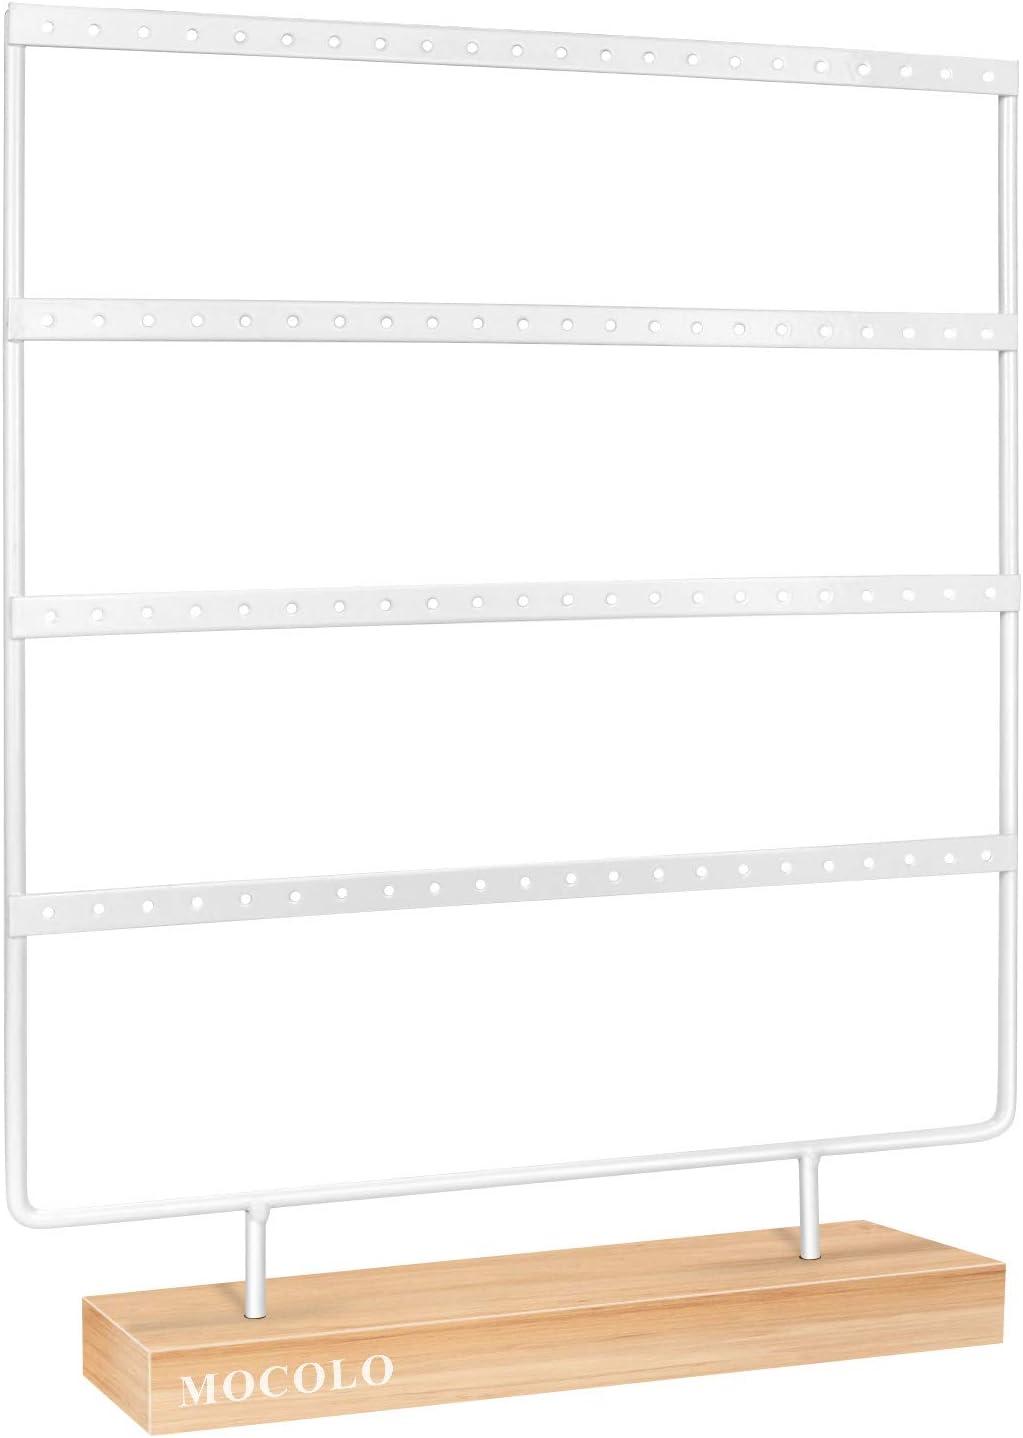 Soporte para pendientes, organizador de pendientes, soporte de exhibición para pendientes colgantes (88 agujeros y 4 capas) (blanco)